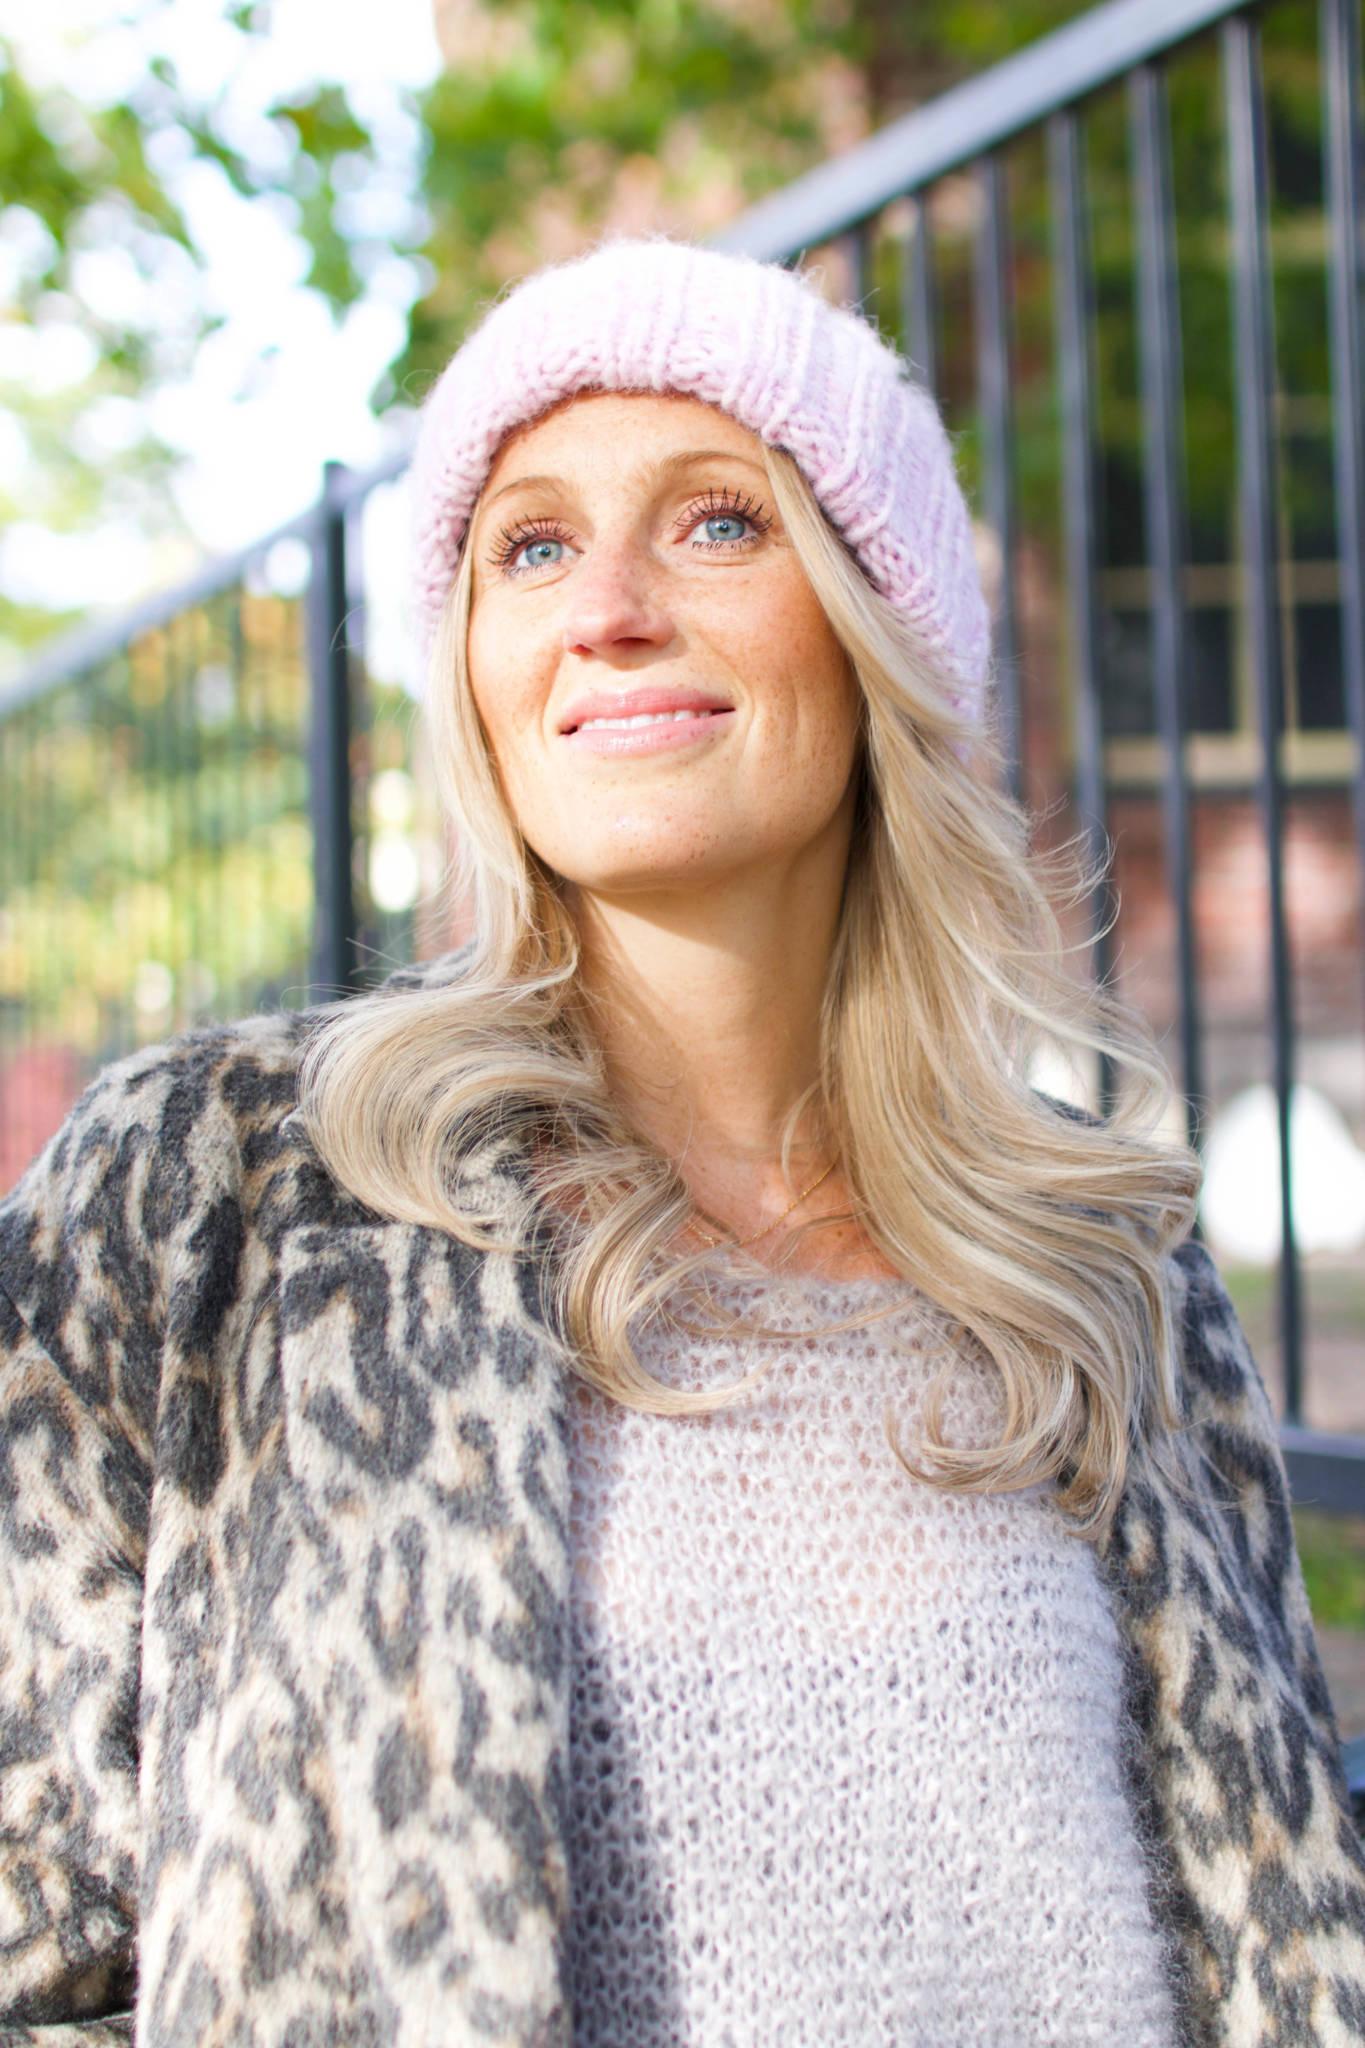 Pehmeää, pinkkiä ja tyttömäistä: Toivottu pipomallistoni Vol 2